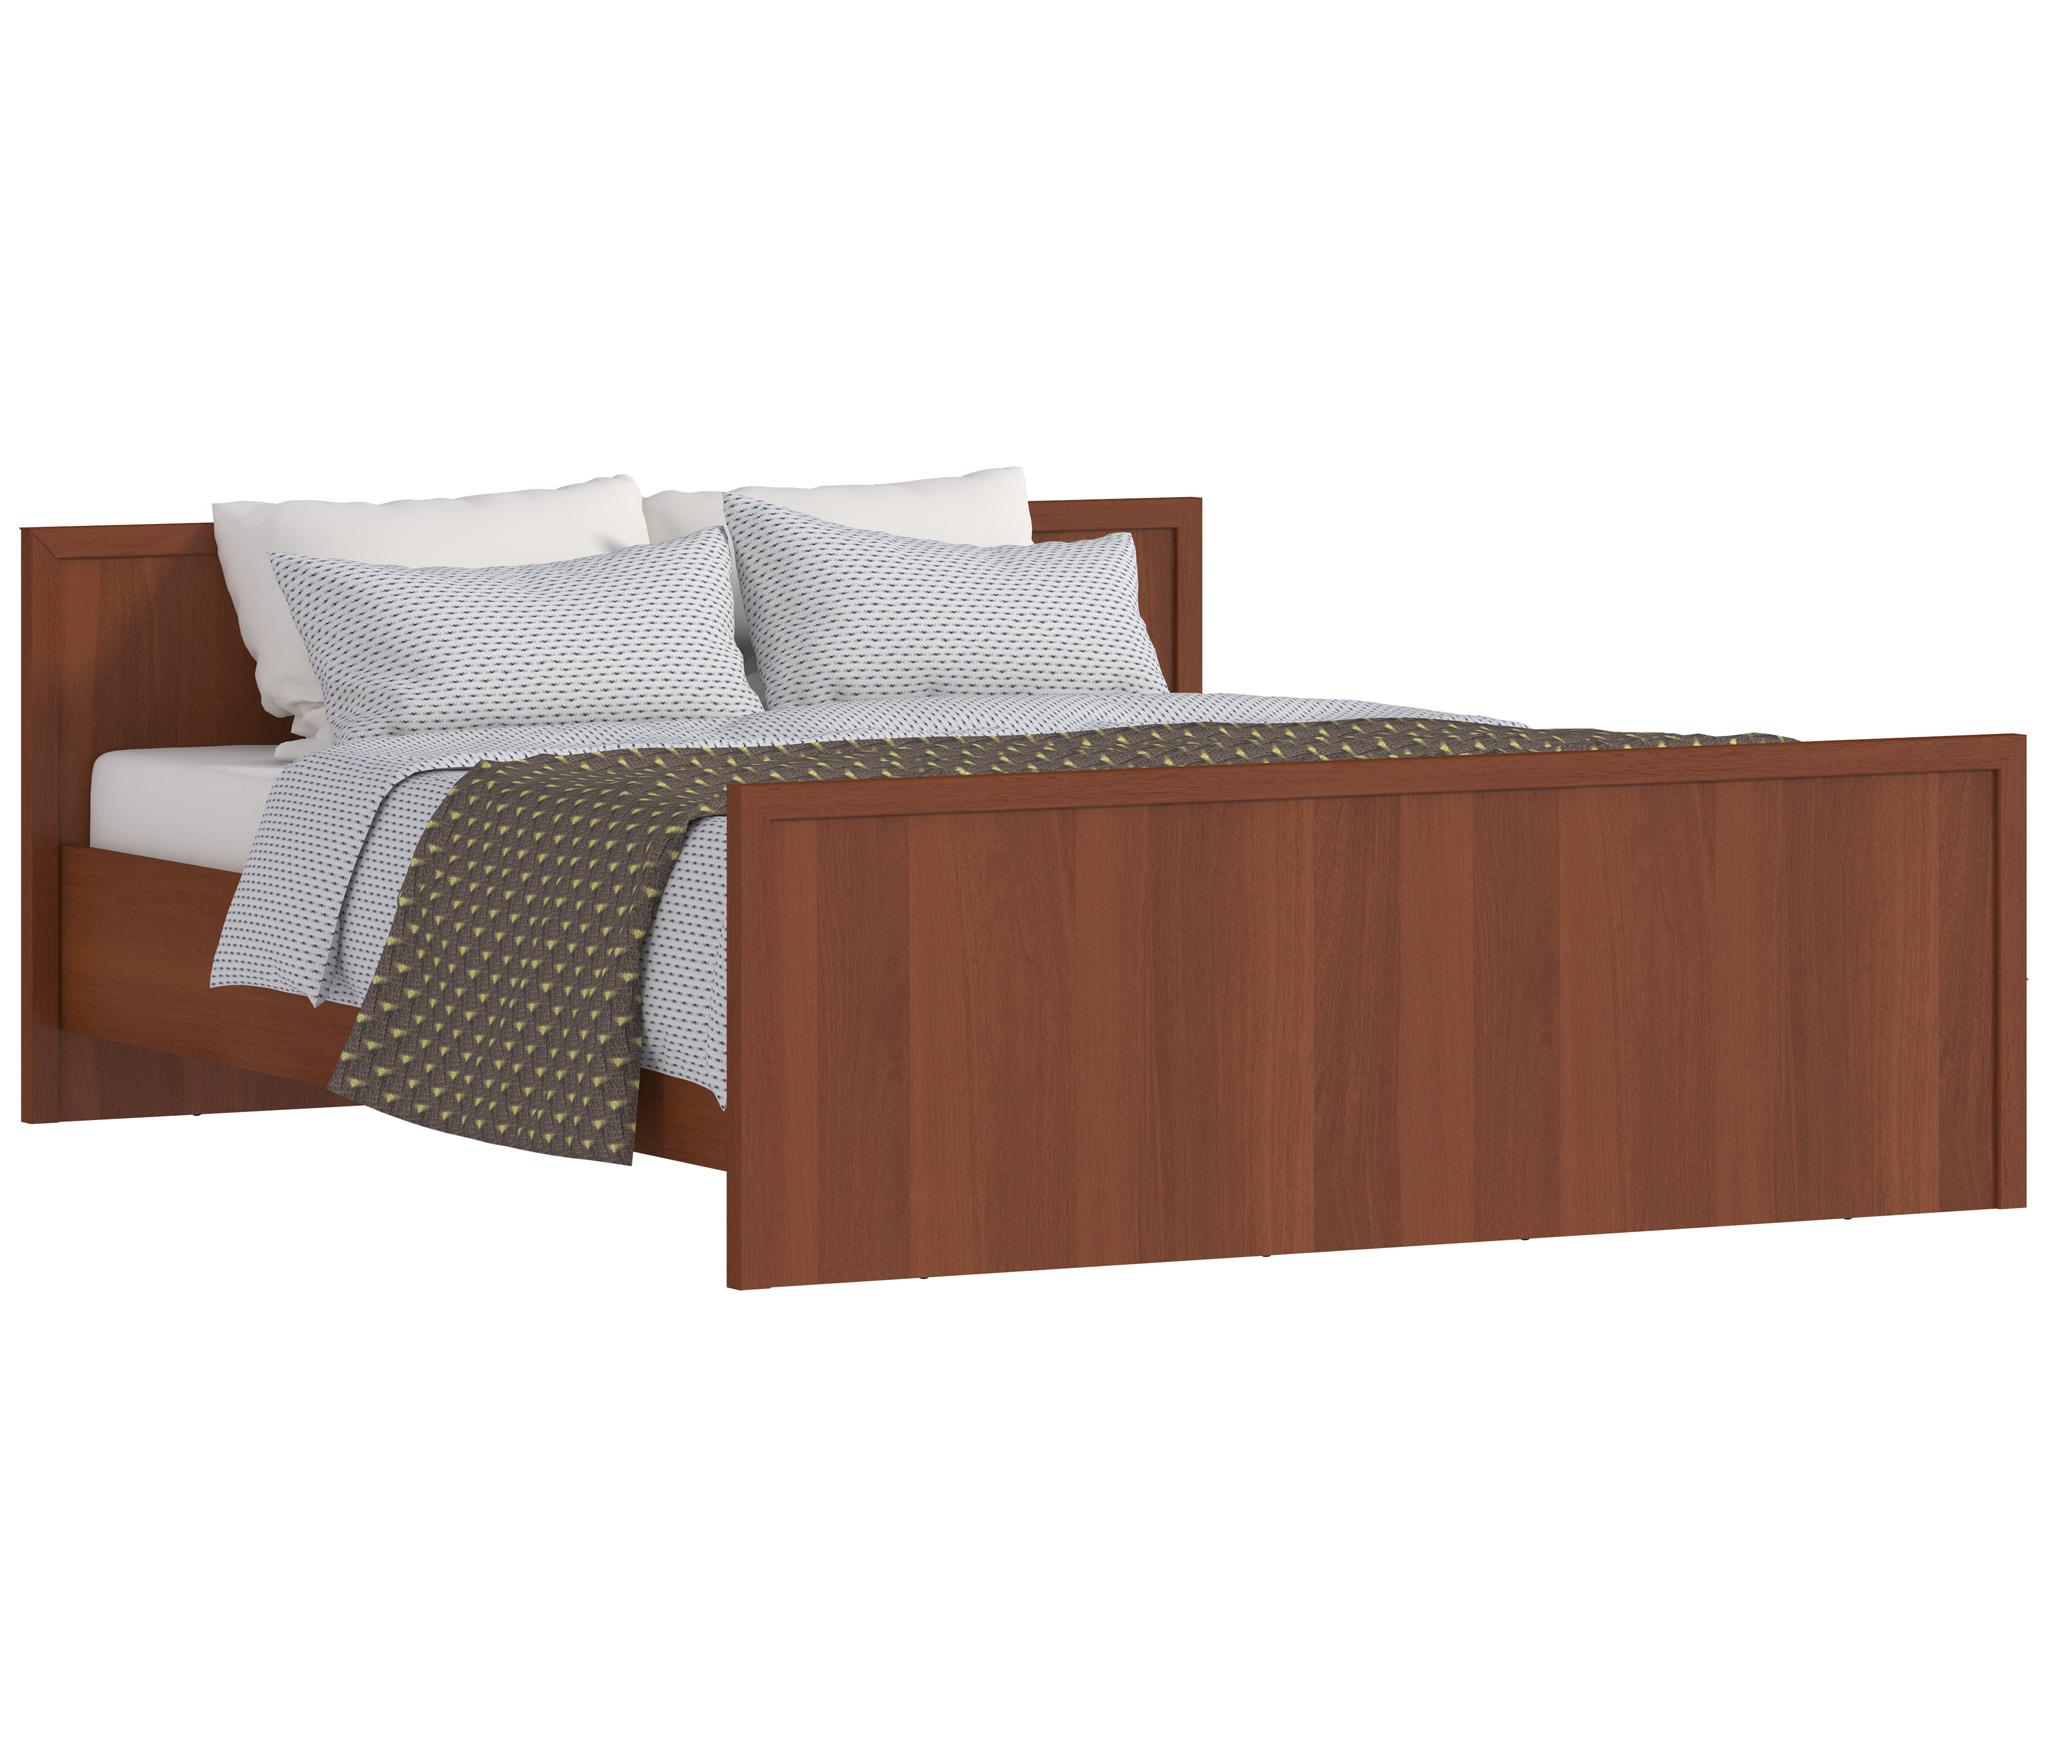 Джорджия СБ-044-1 Кровать универсальная 1600